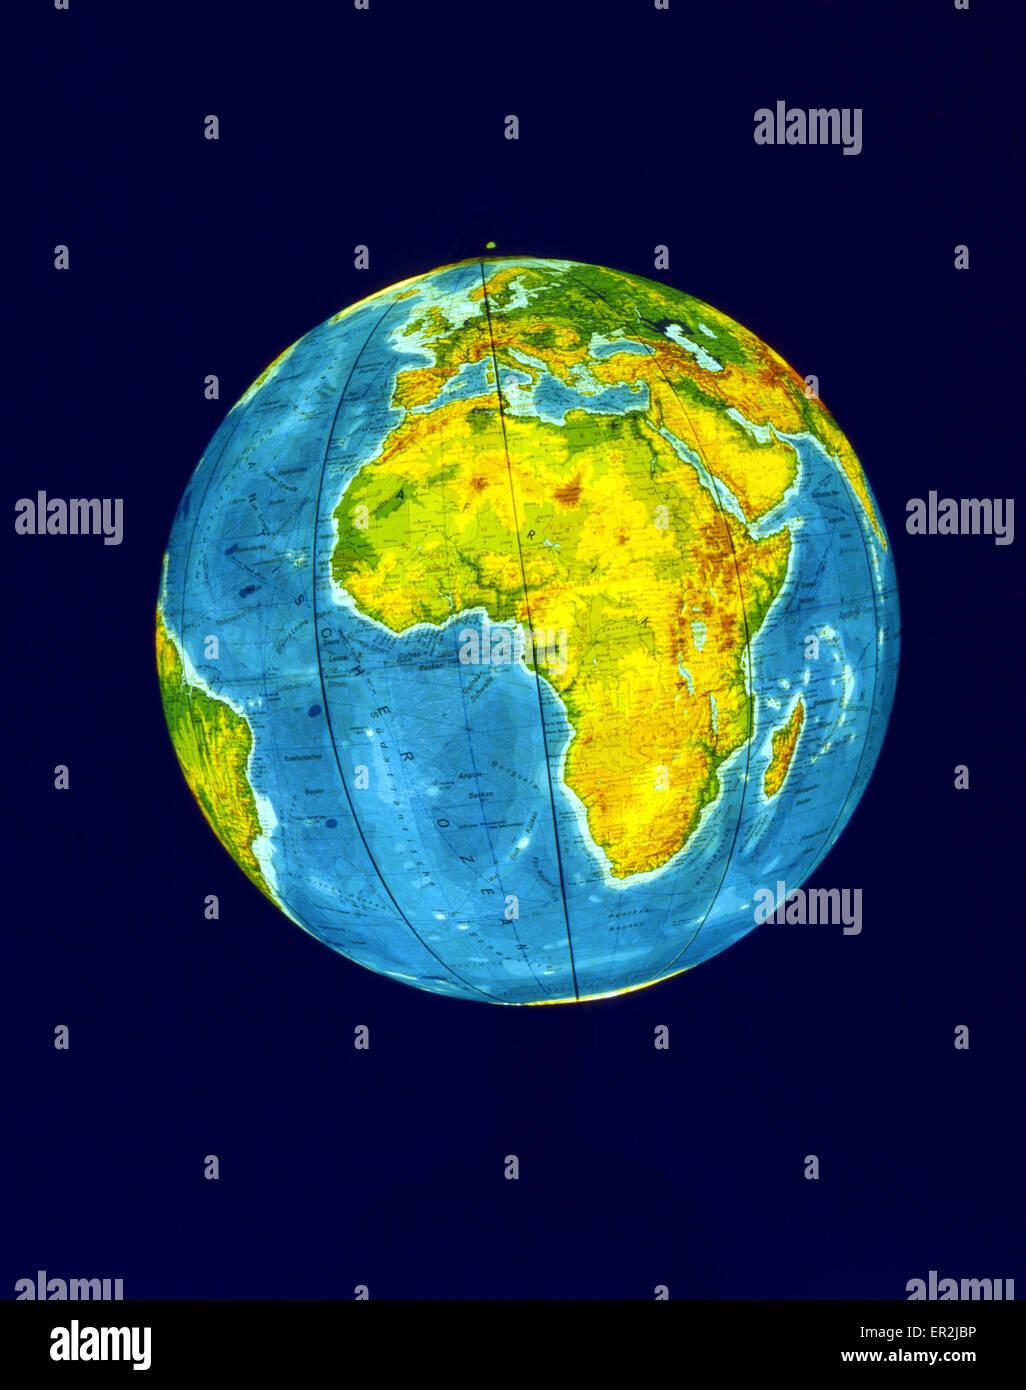 Globus Weltkugel Karte.Globus Kontinente Weltkugel Erdkugel Erde Geographie